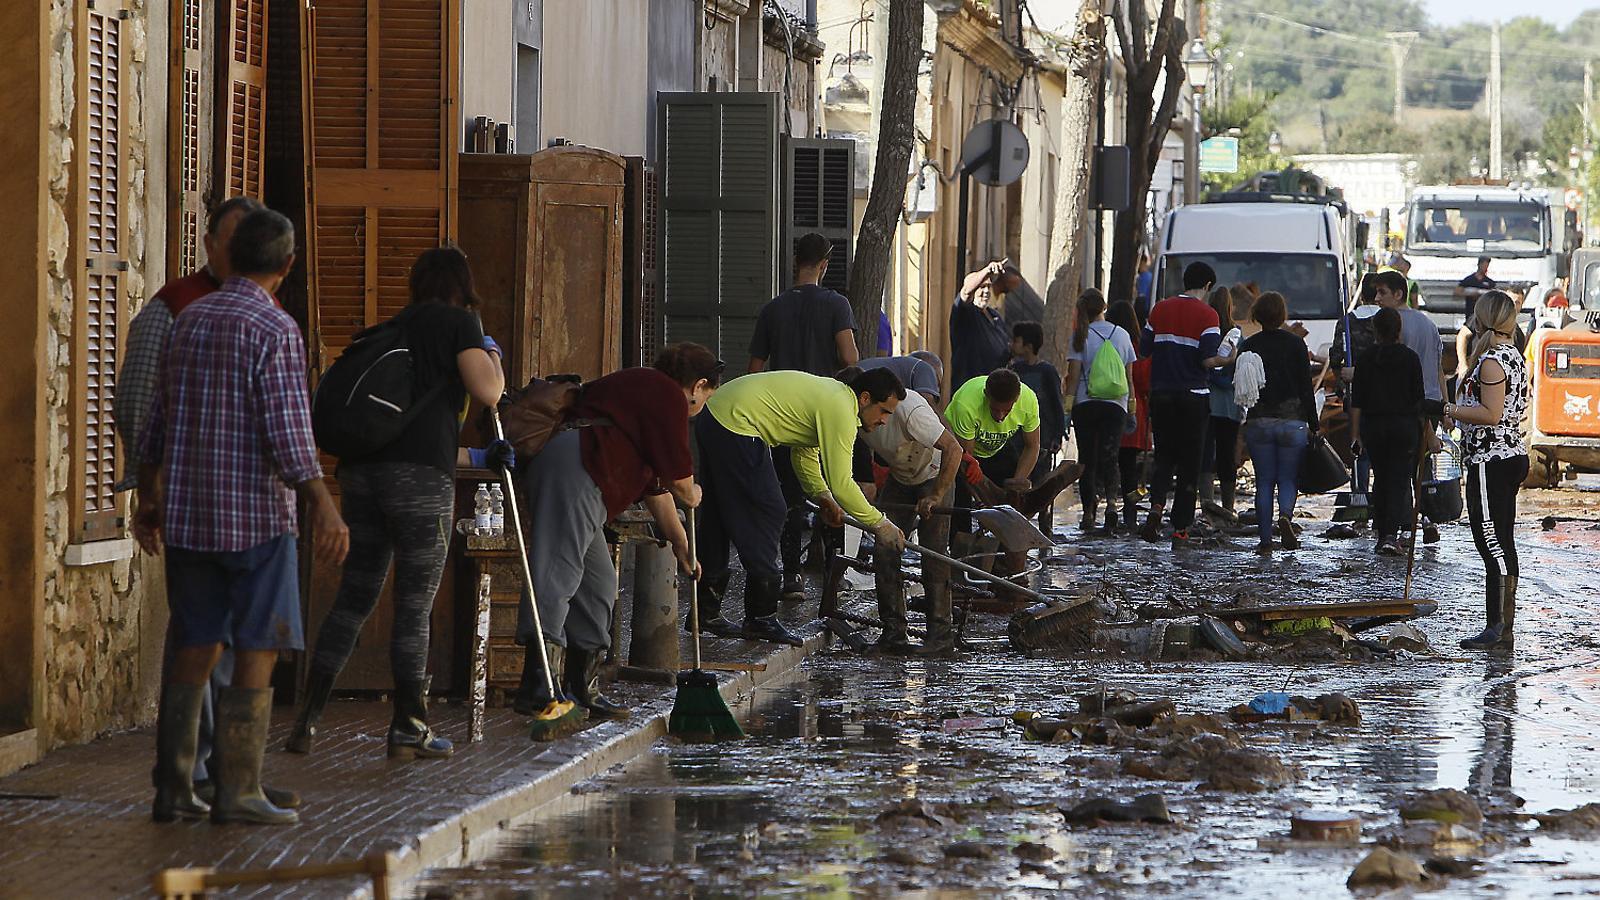 Sant Llorenç rep una onada de solidaritat